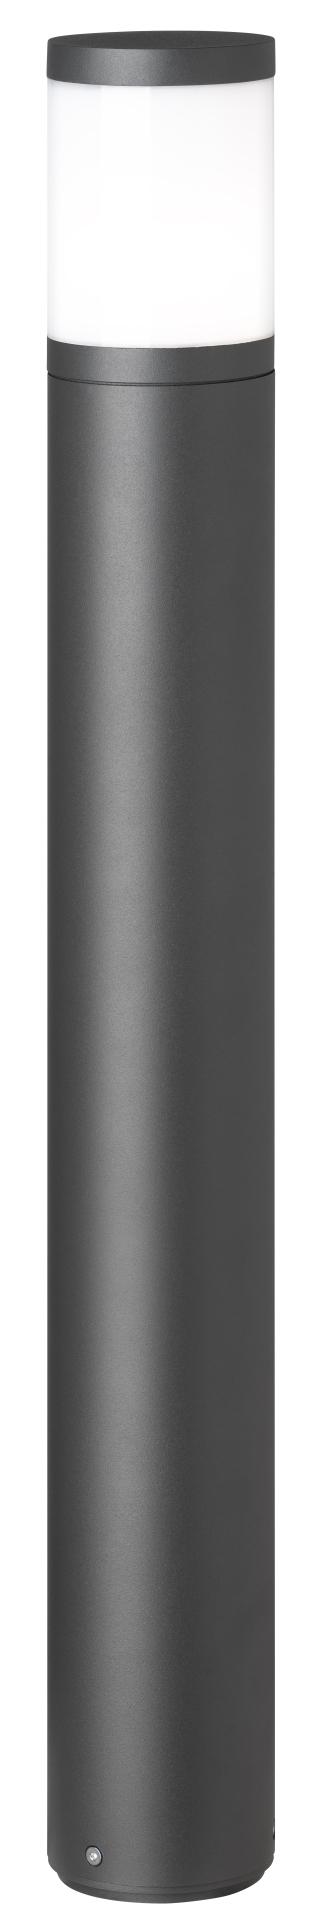 Standleuchte Typ 5059